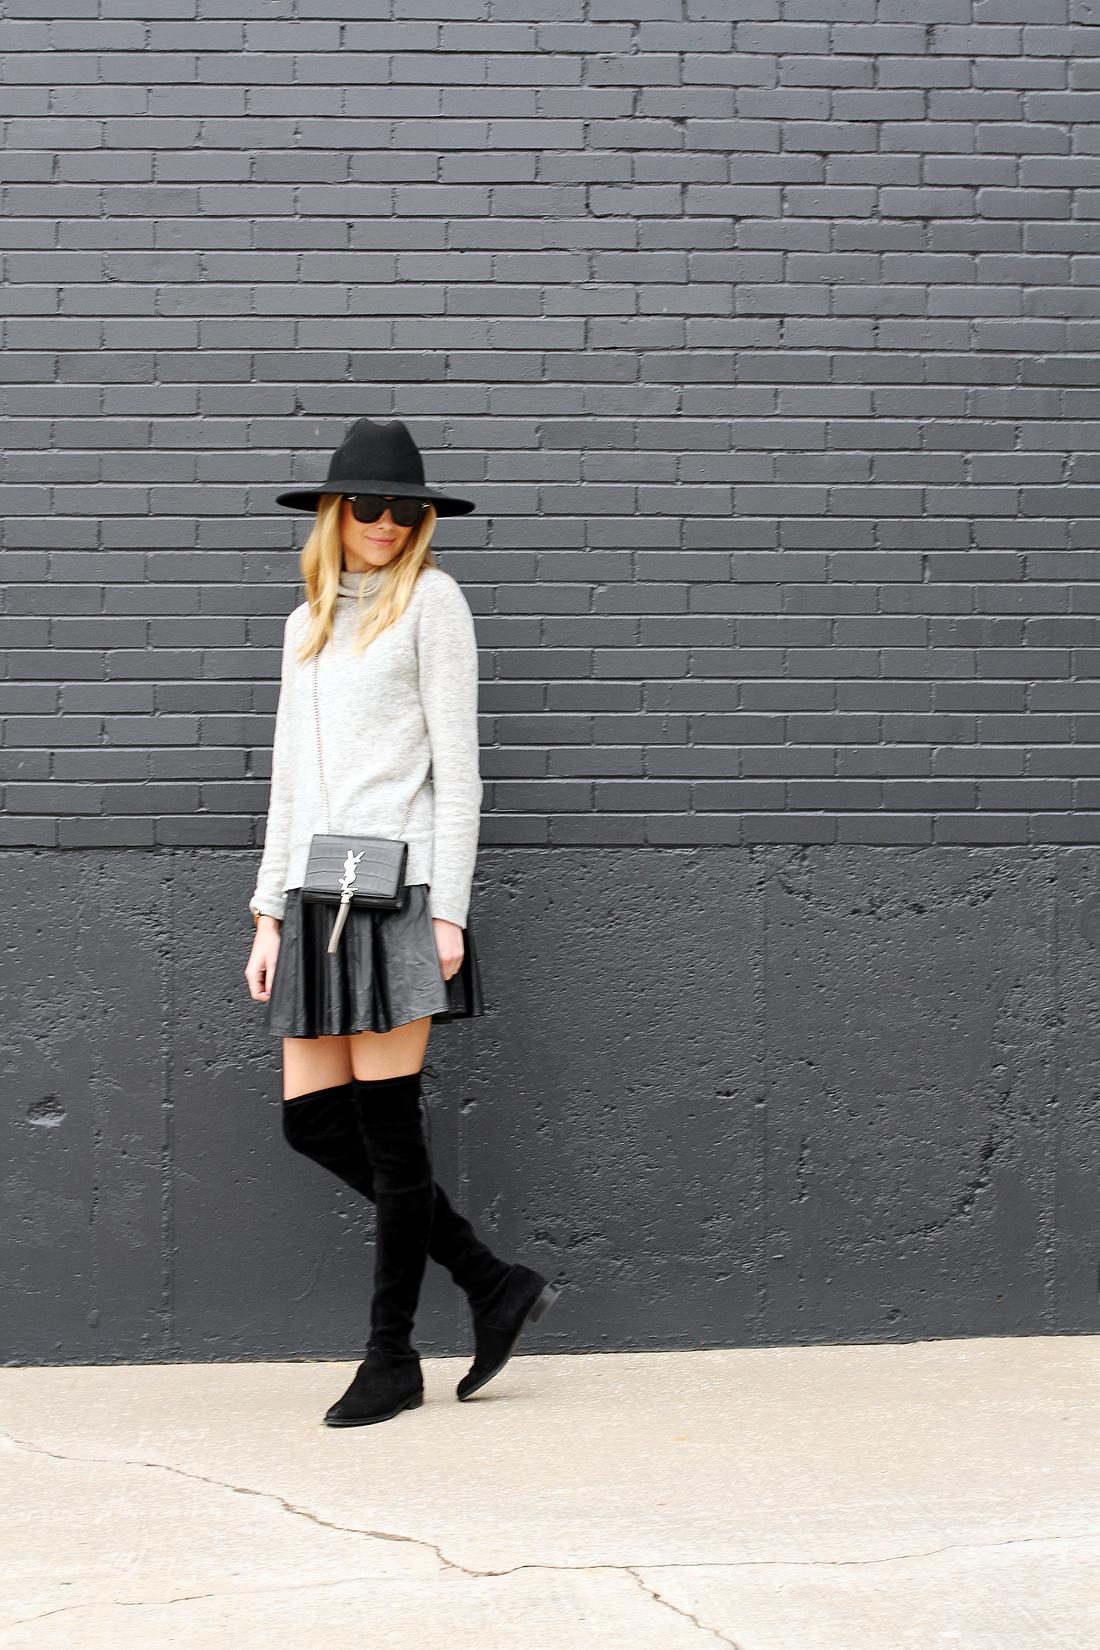 yves saint laurent belle de jour shoulder bag - FAUX LEATHER PLEATED MINI SKIRT - Fashion Jackson